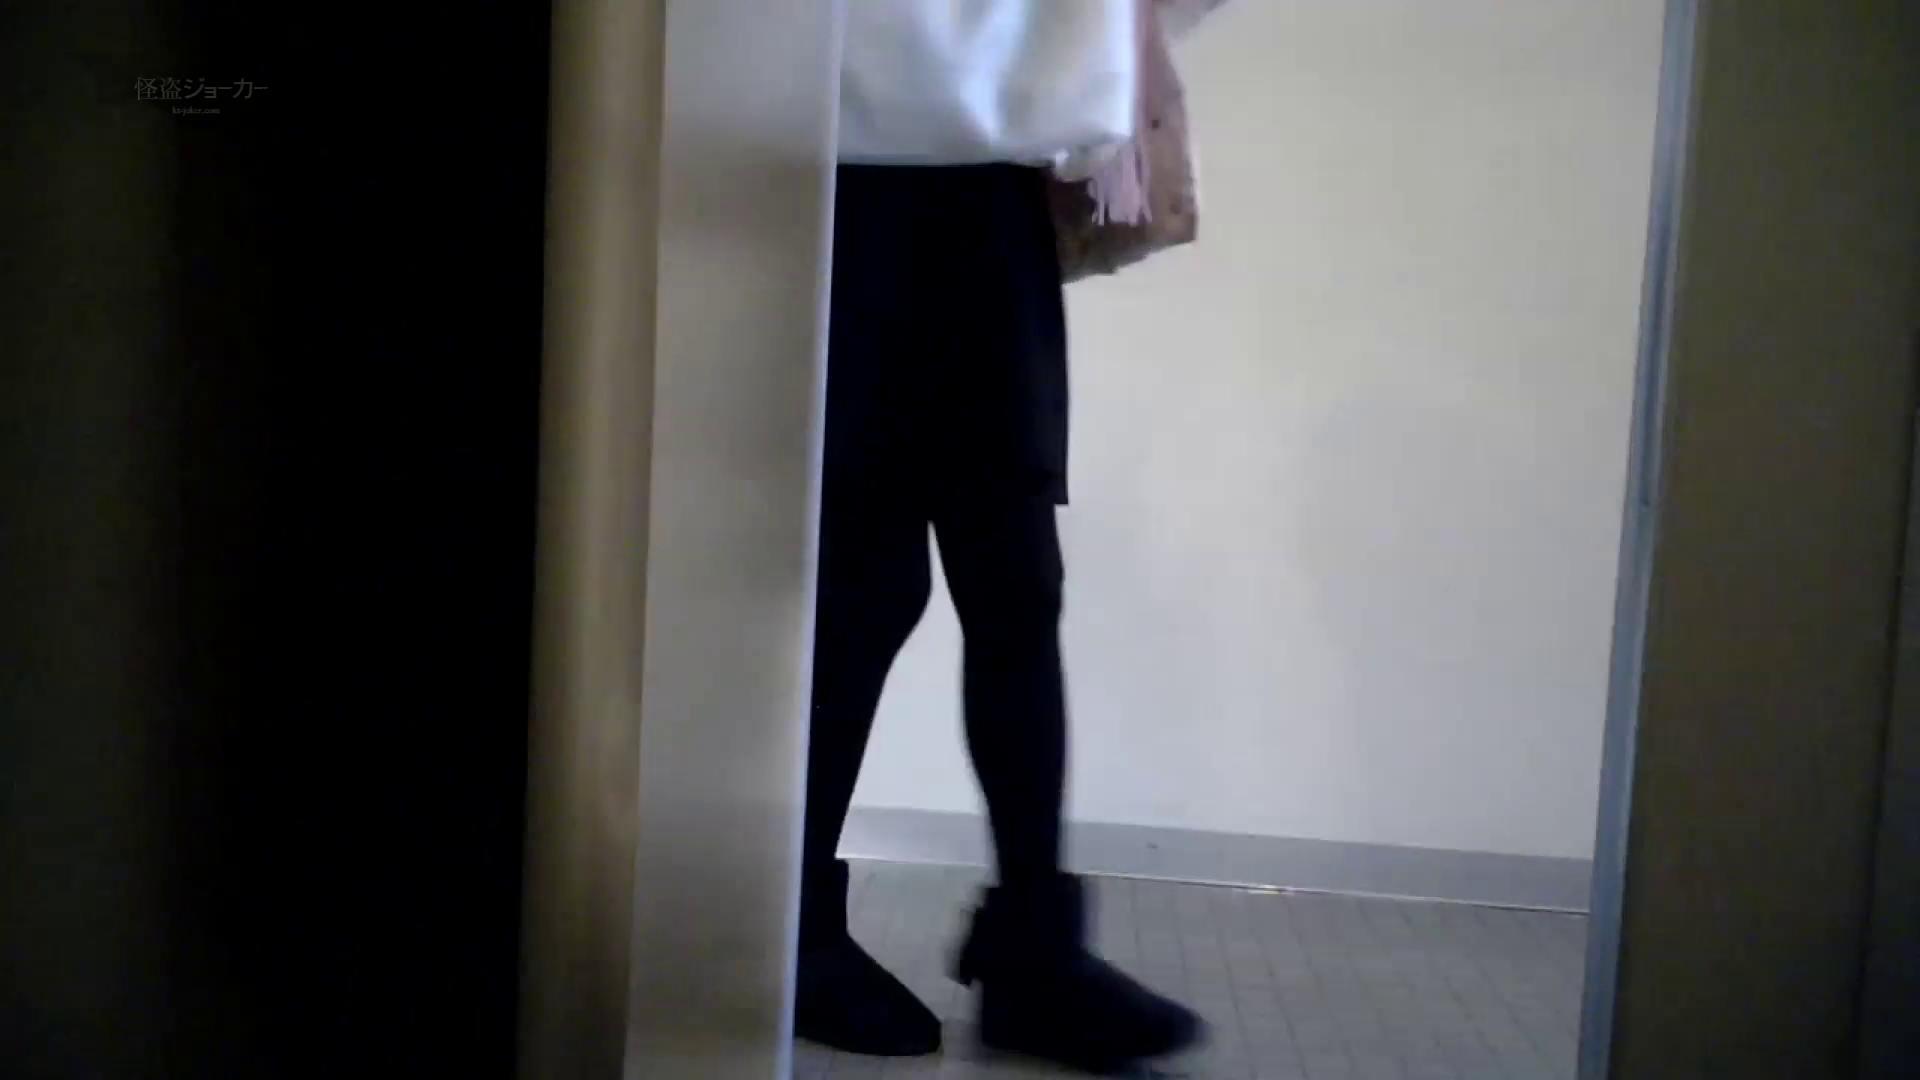 有名大学女性洗面所 vol.57 S級美女マルチアングル撮り!! OLのボディ AV無料動画キャプチャ 88PIX 75